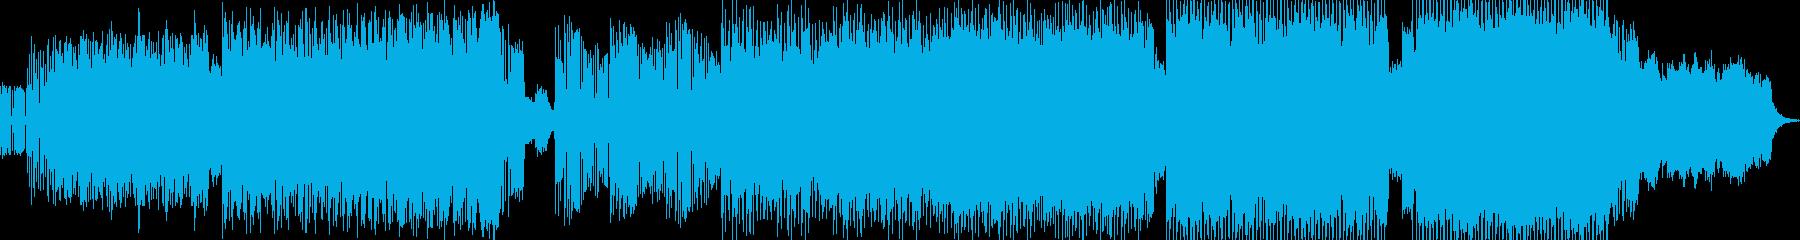 ピアノが印象的なビッグビートの再生済みの波形